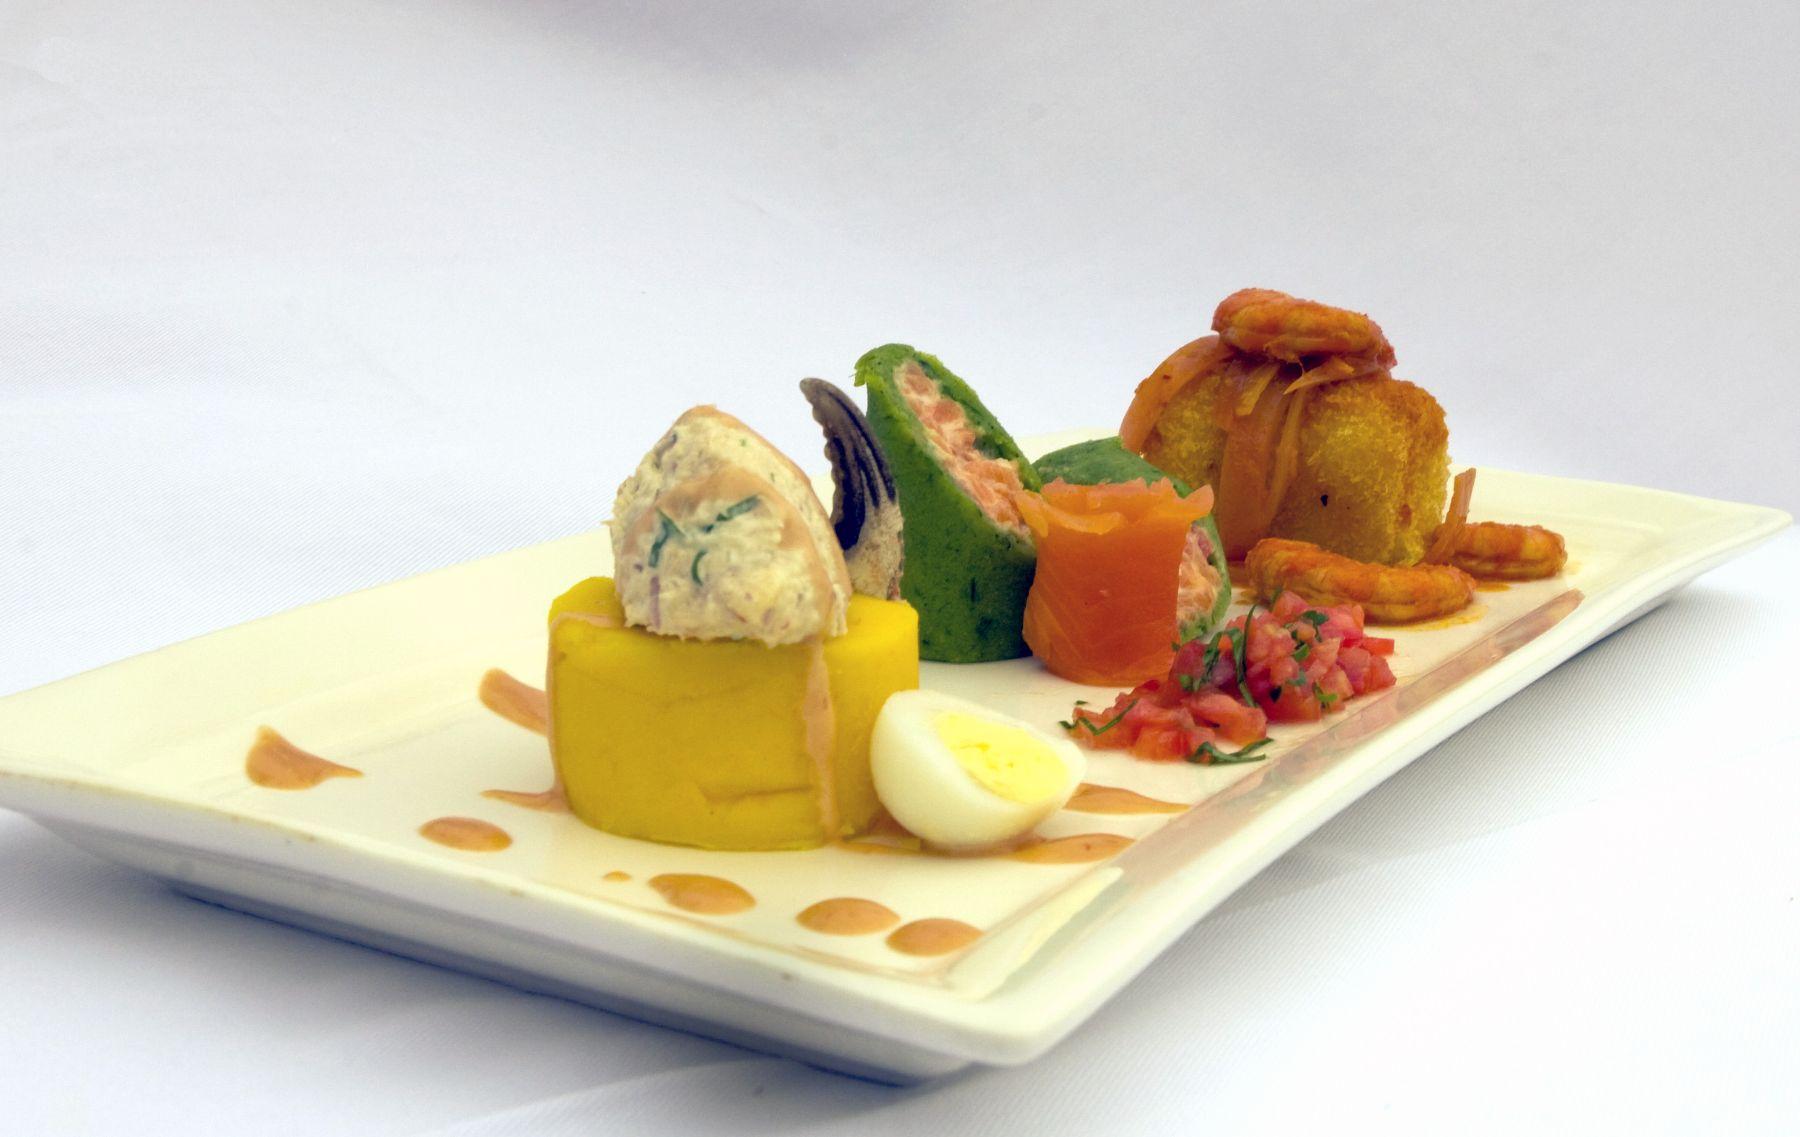 Los platos más nutritivos y a bajos precios serán recomendados por el Minsa. Foto: Andina/Archivo